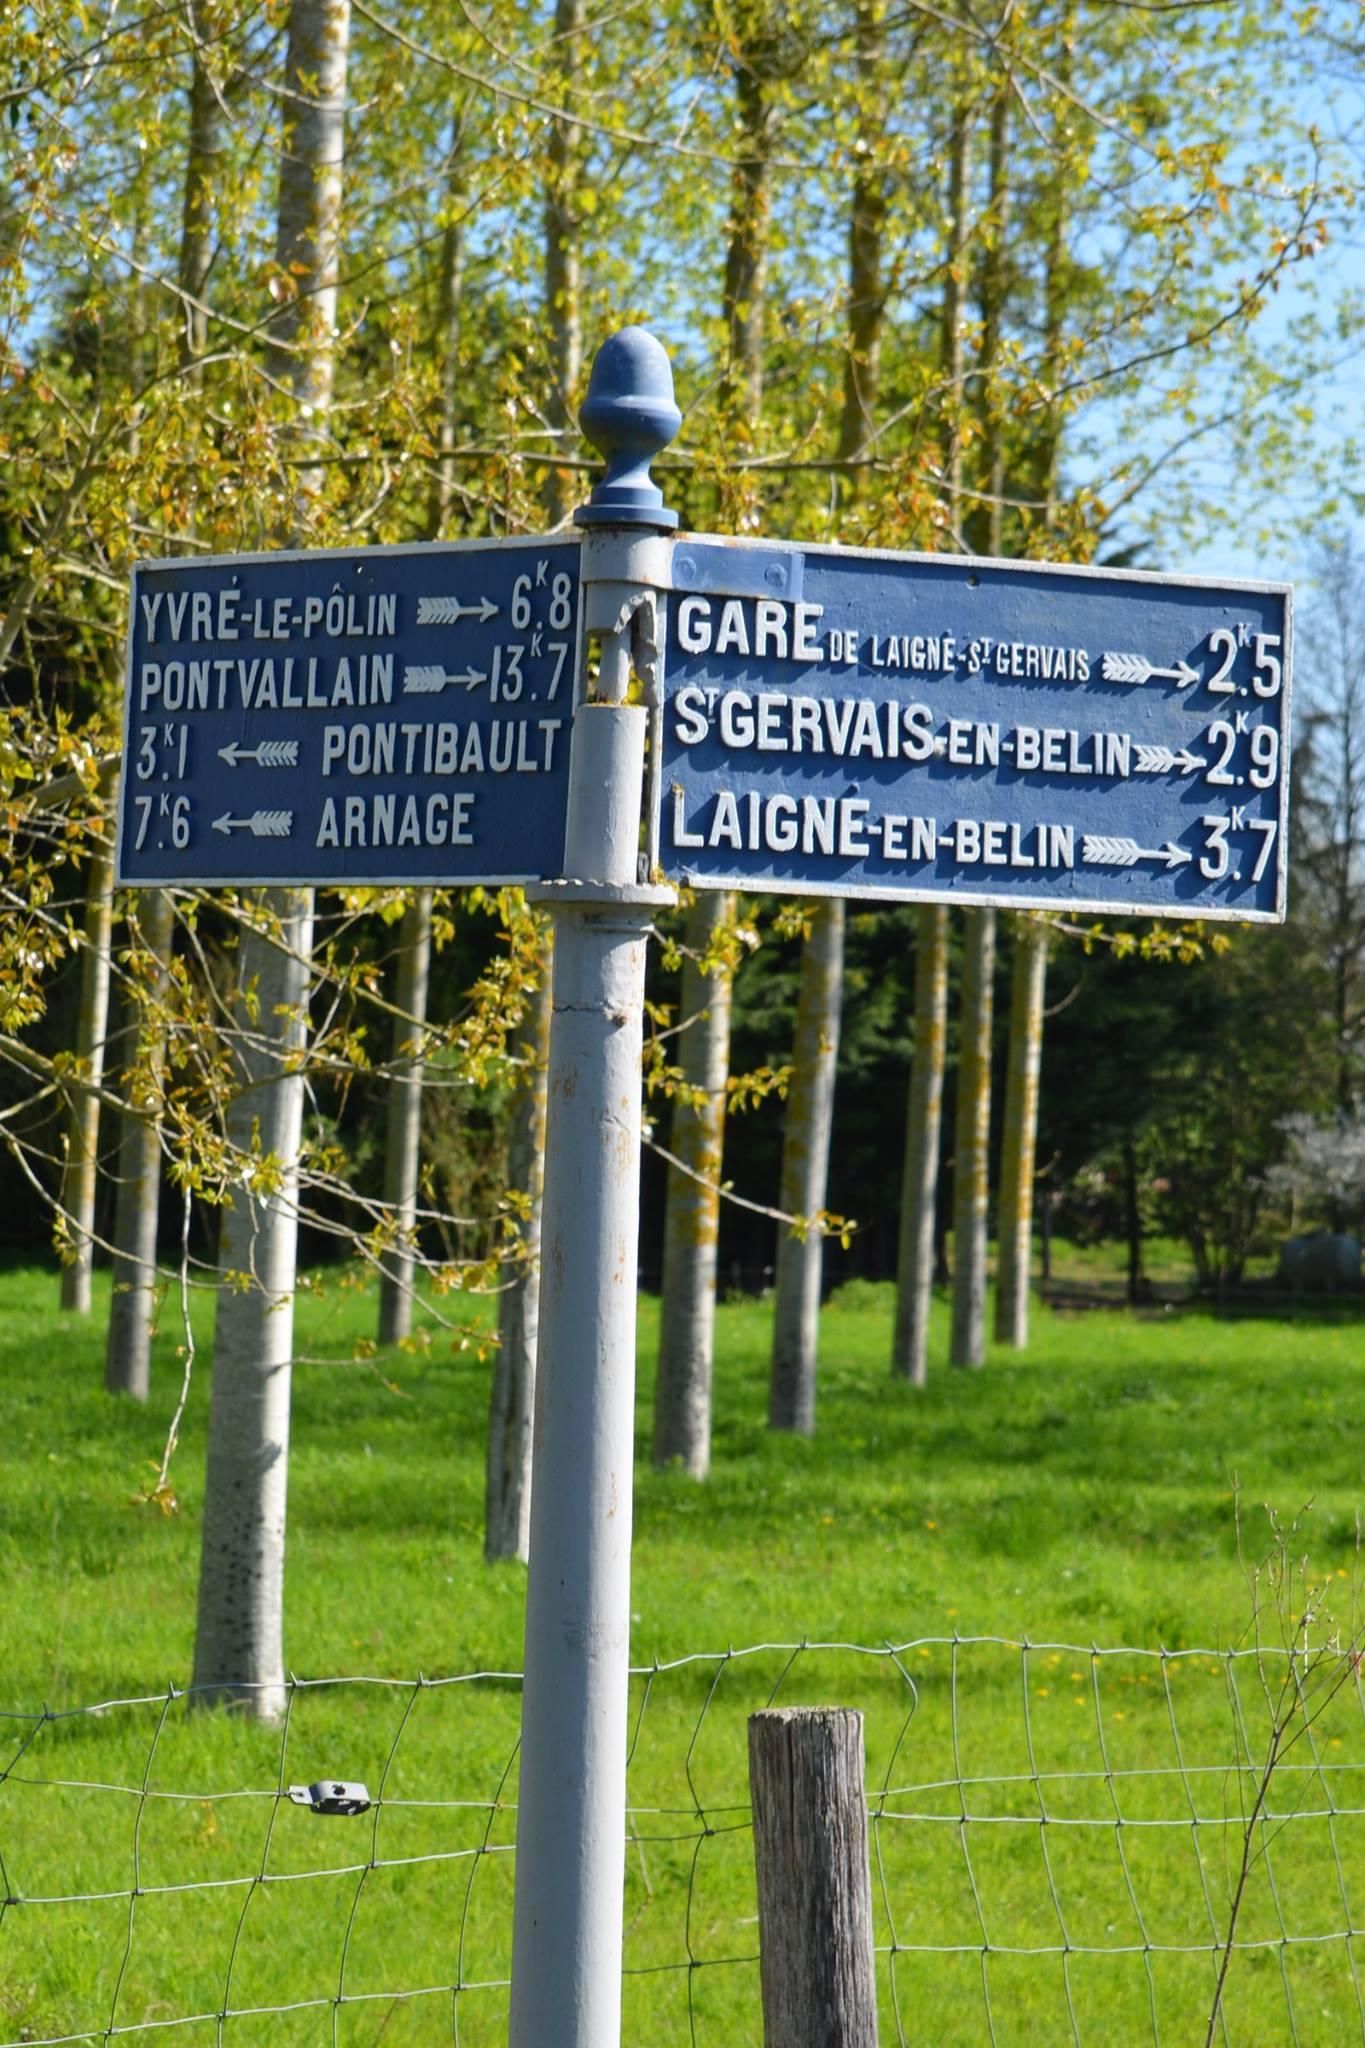 Moncé en Belin, près de la route de la Claverie - Plaque de cocher - Yvré le Pôlin - Pontvallain - Pontibault - Arnage - Gare de Laigné Saint Gervais - Saint Gervais en Belin - laigné en Belin (San Doni)